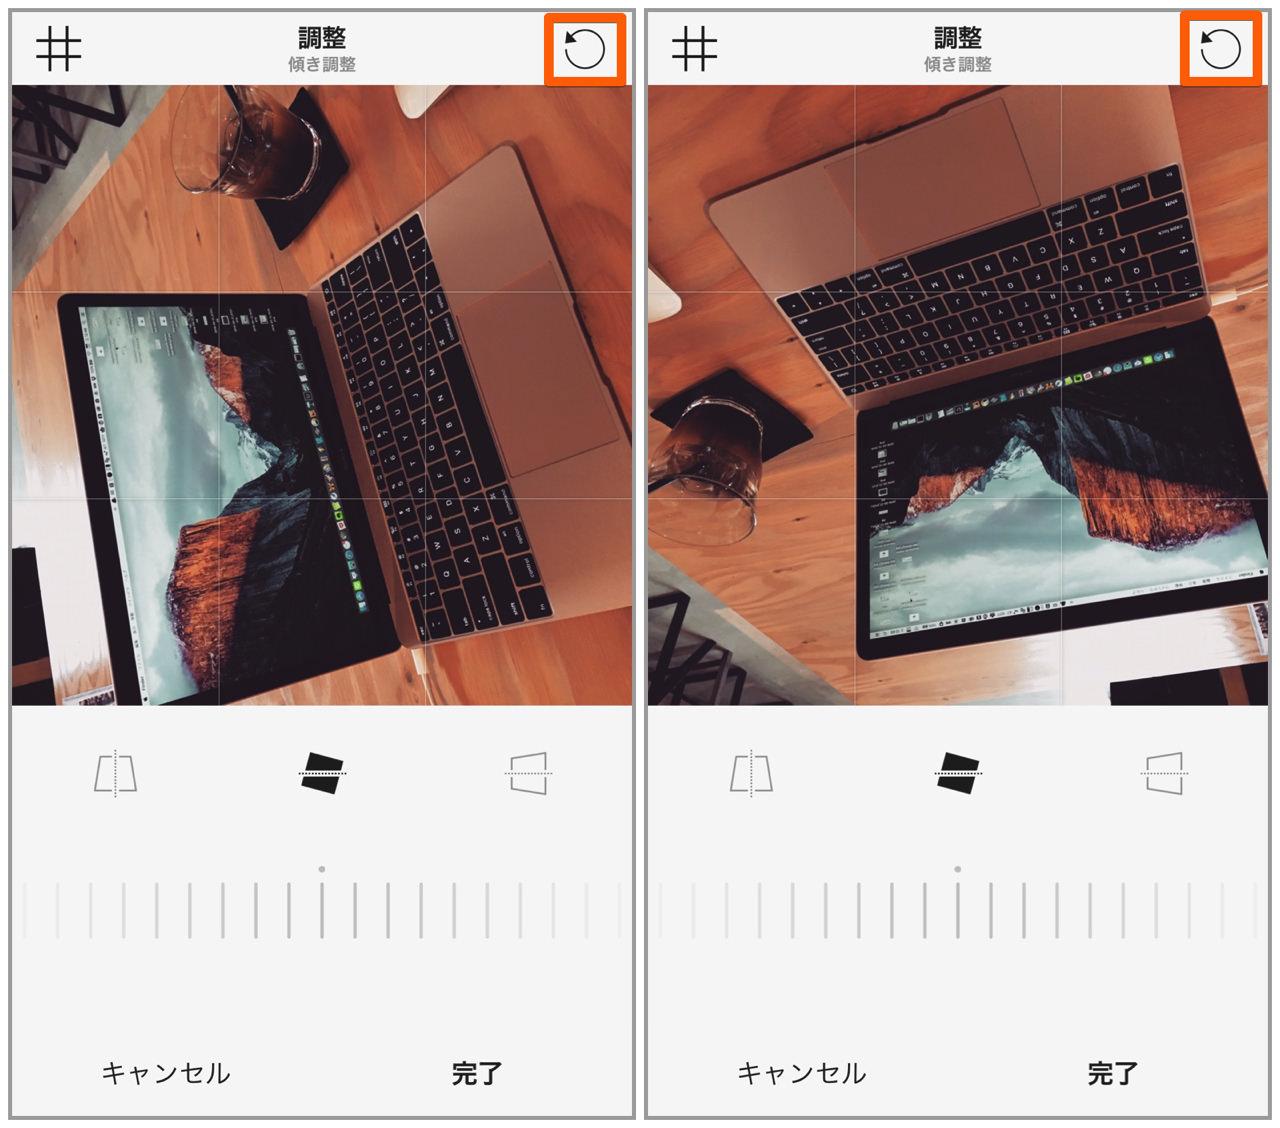 アプリ内右上にあるアイコンを1回押すと写真が90度ずつ回転する